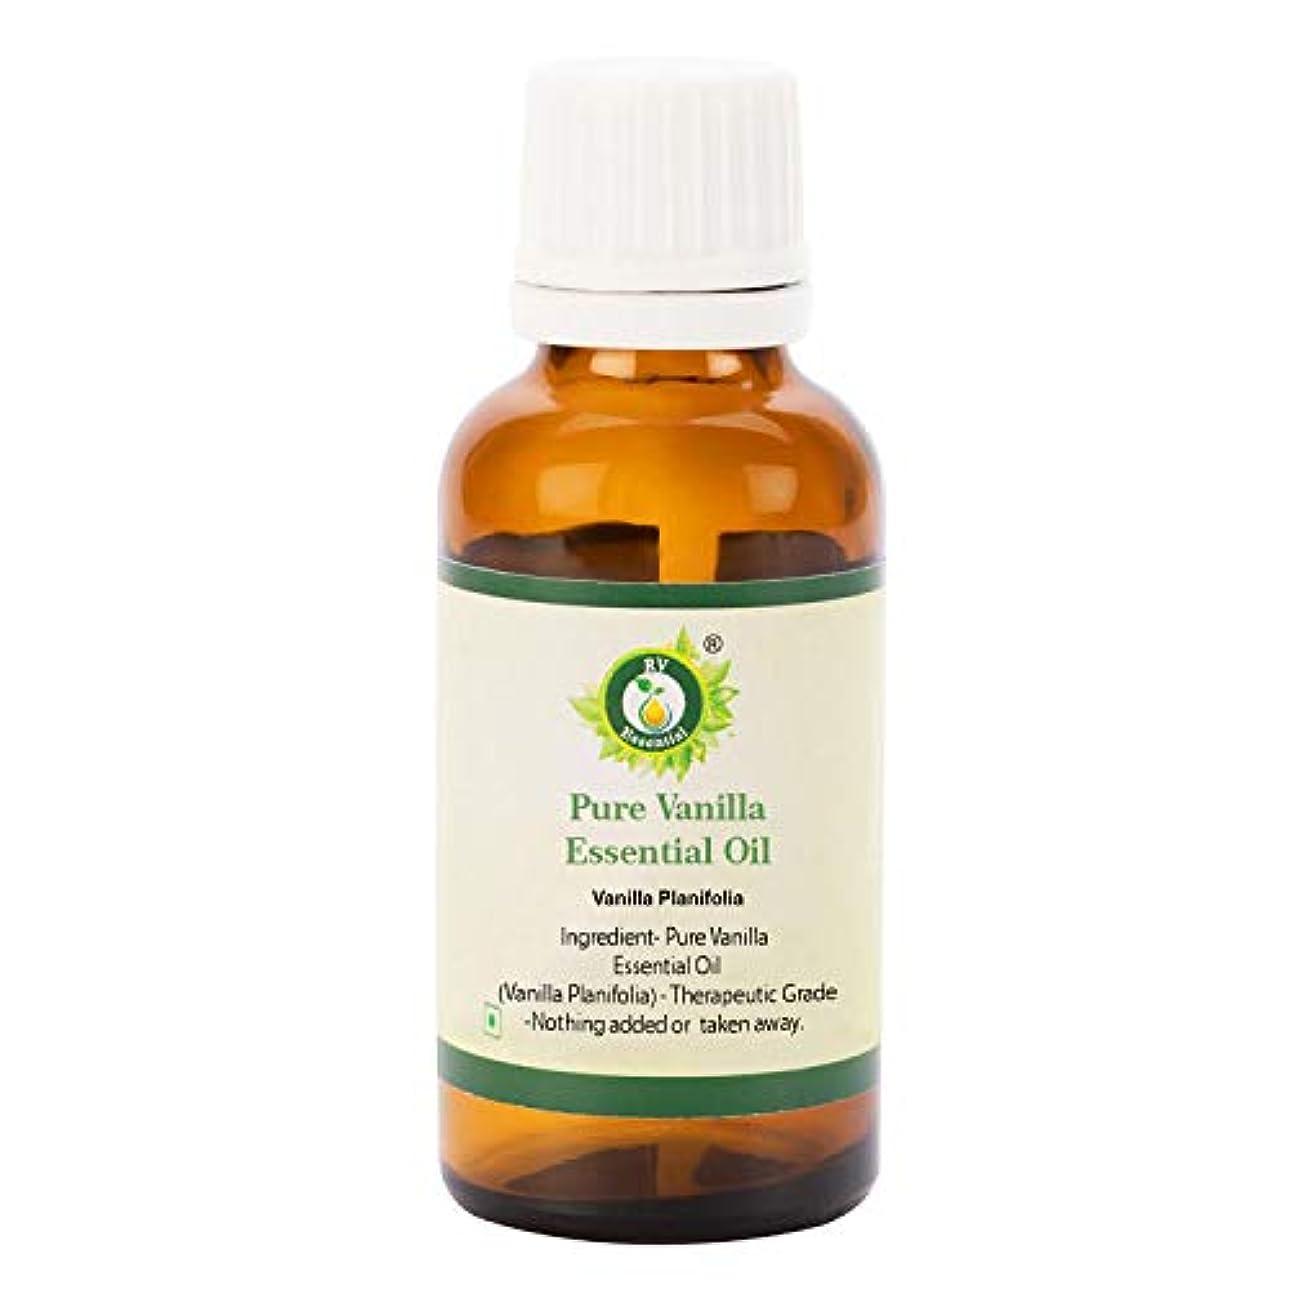 純正コンクリートゲームR V Essential ピュアバニラエッセンシャルオイル30ml (1.01oz)- Vanilla Planifolia (100%純粋&天然) Pure Vanilla Essential Oil